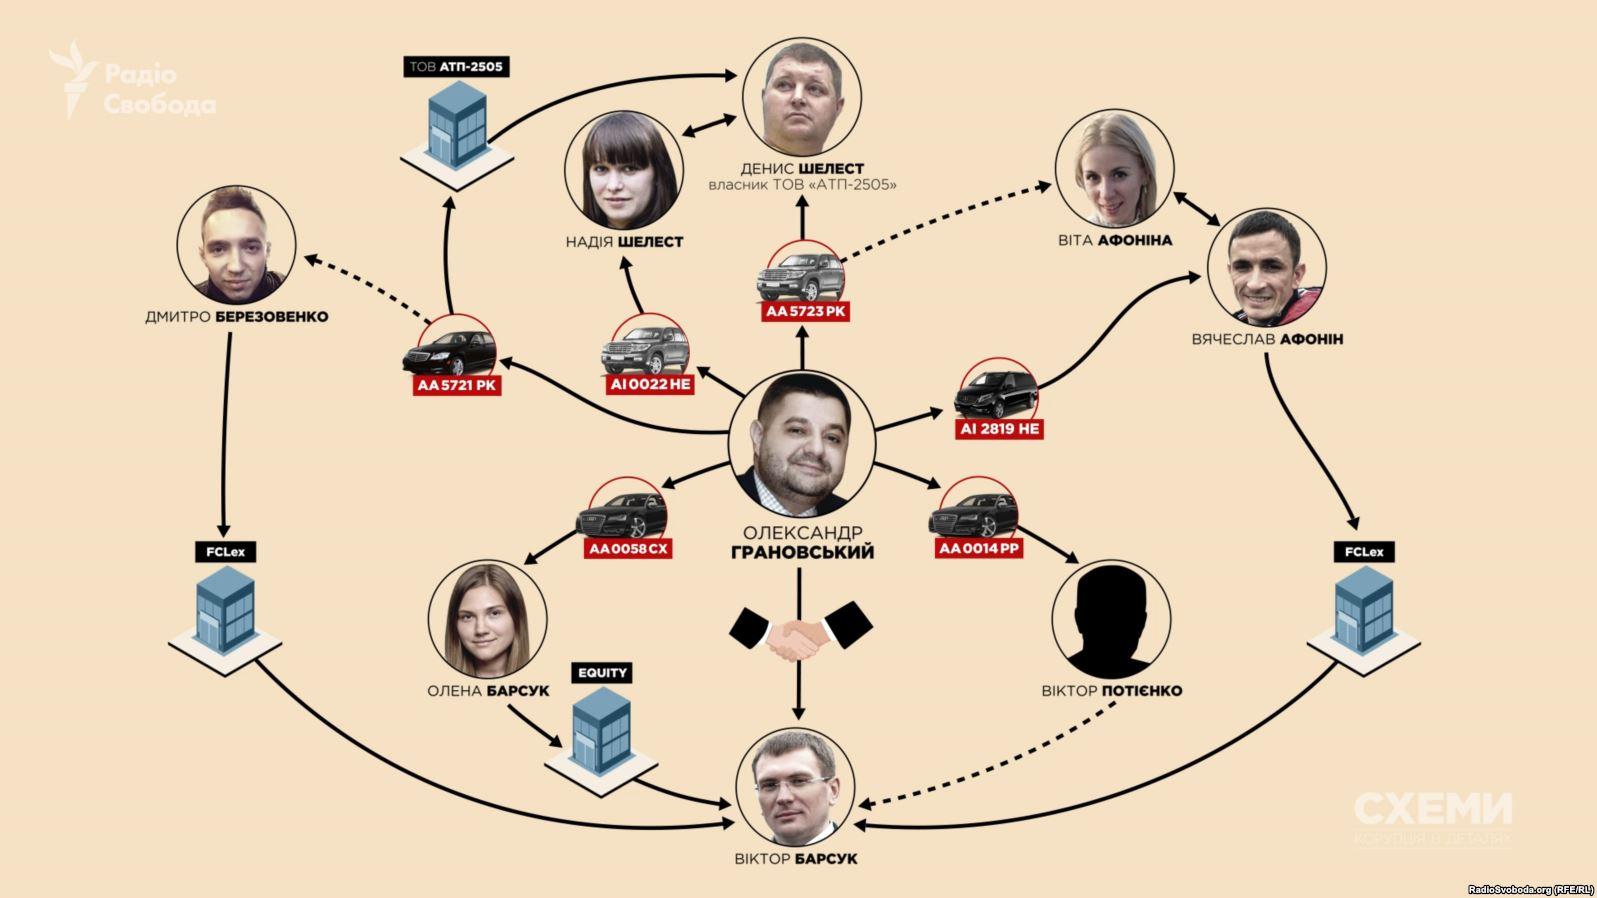 Грановский не декларирует элитные авто и коттедж под Киевом – СМИ